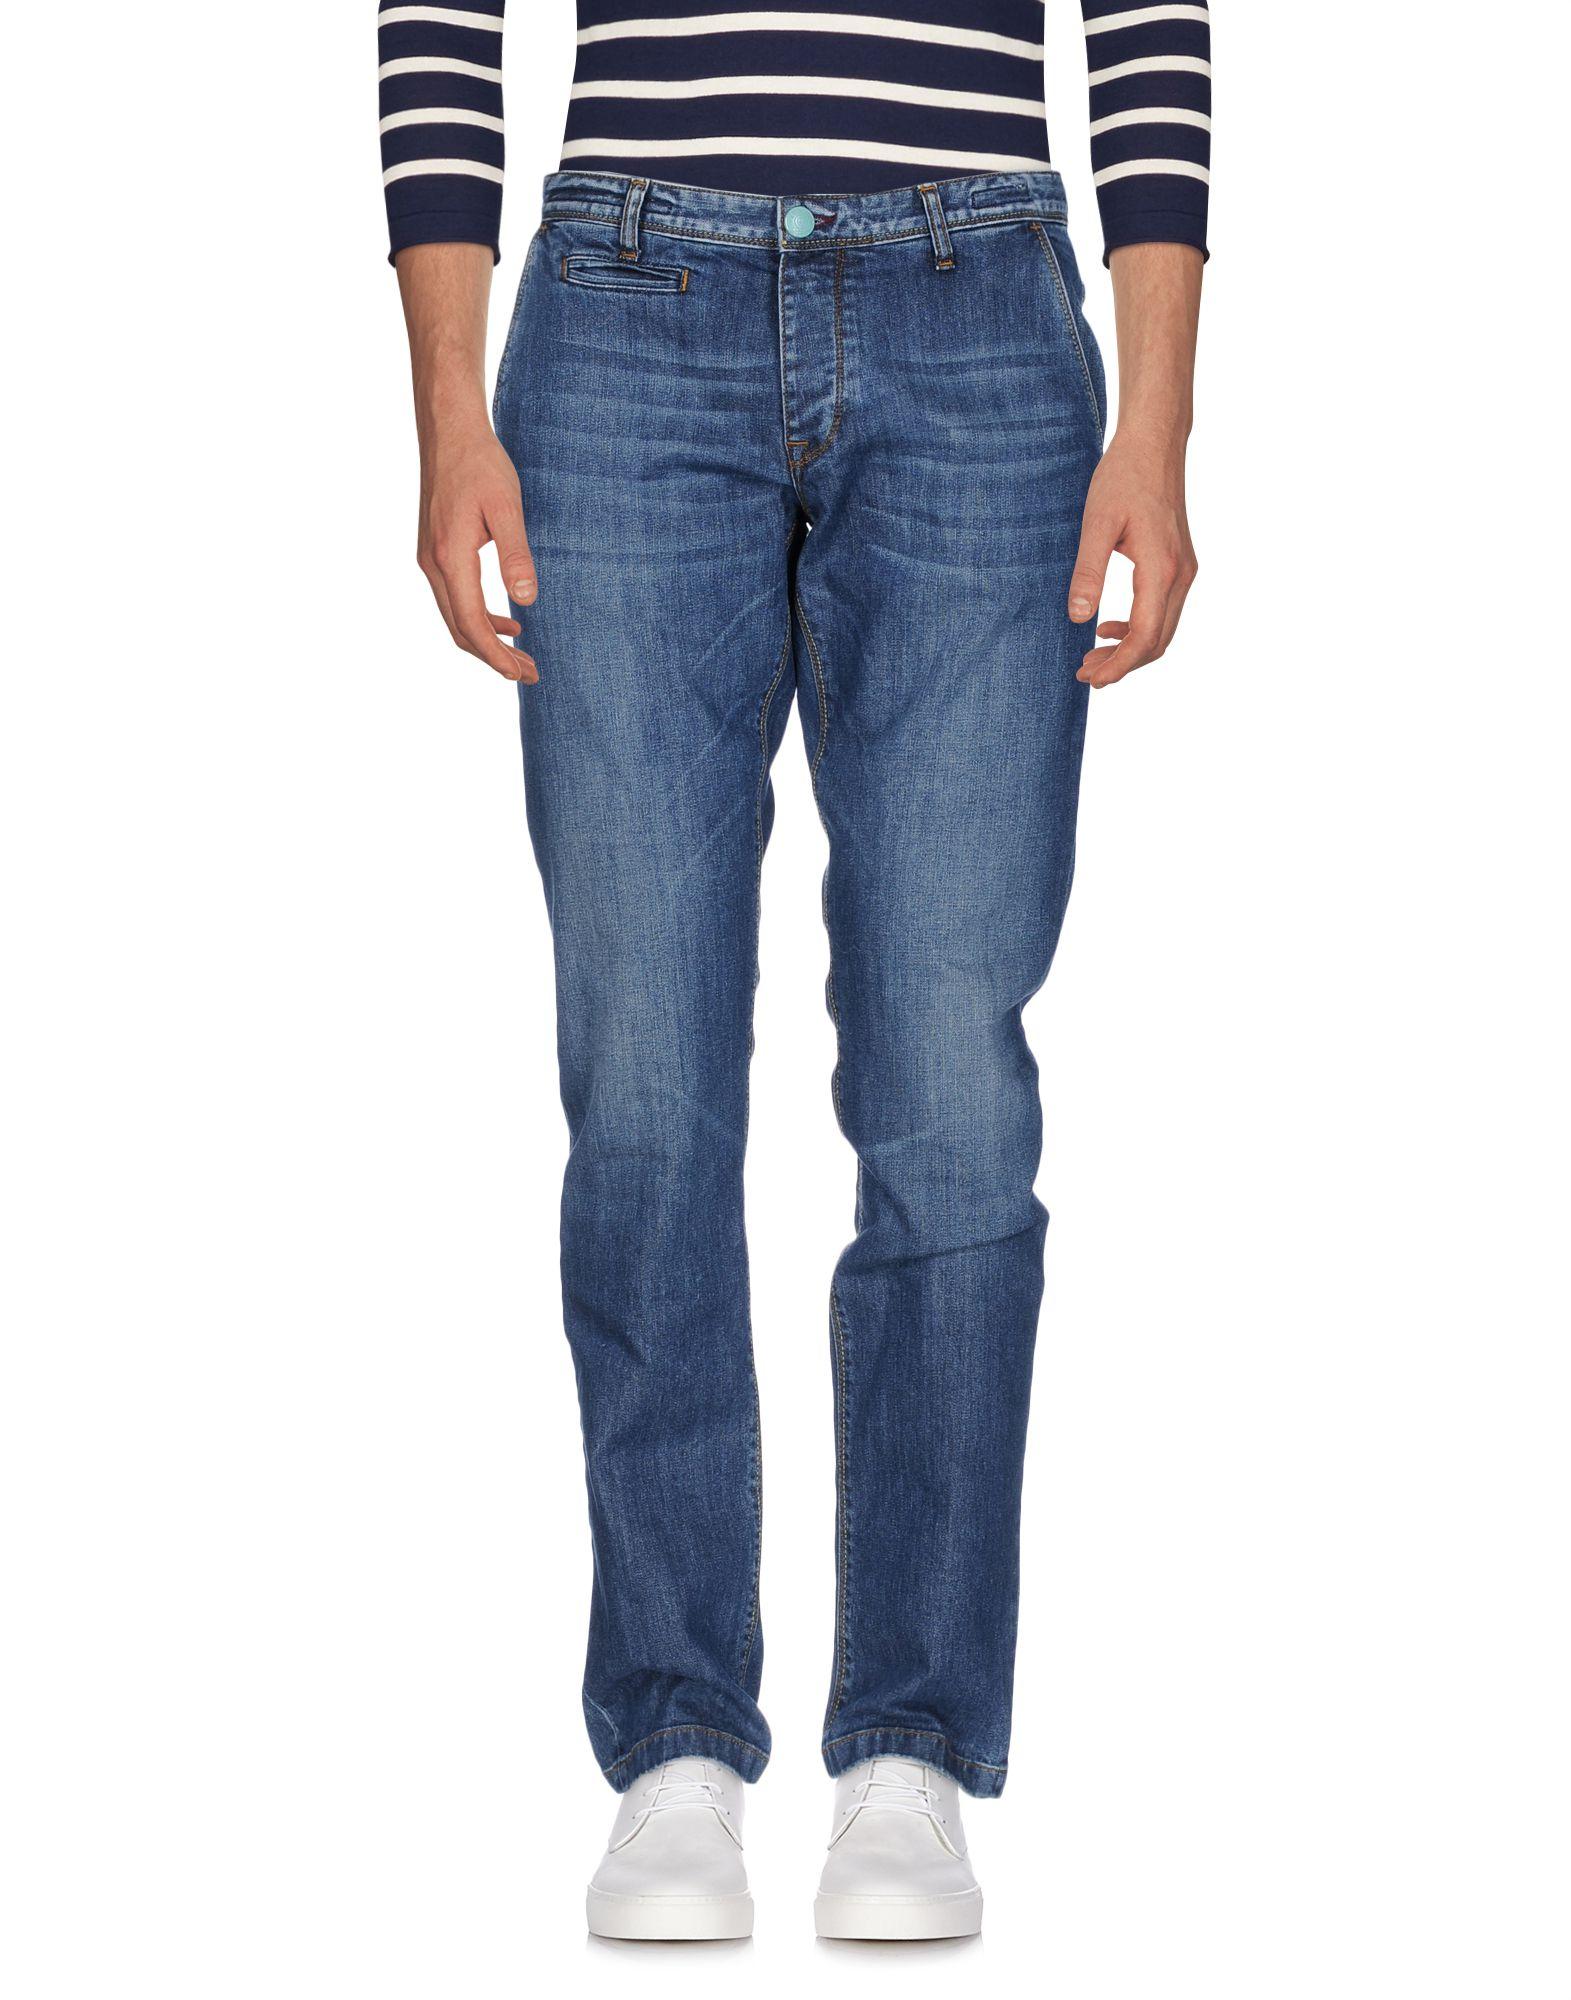 Pantaloni Jeans At.P.Co Uomo Uomo At.P.Co - 42624750PQ 1e2ae0